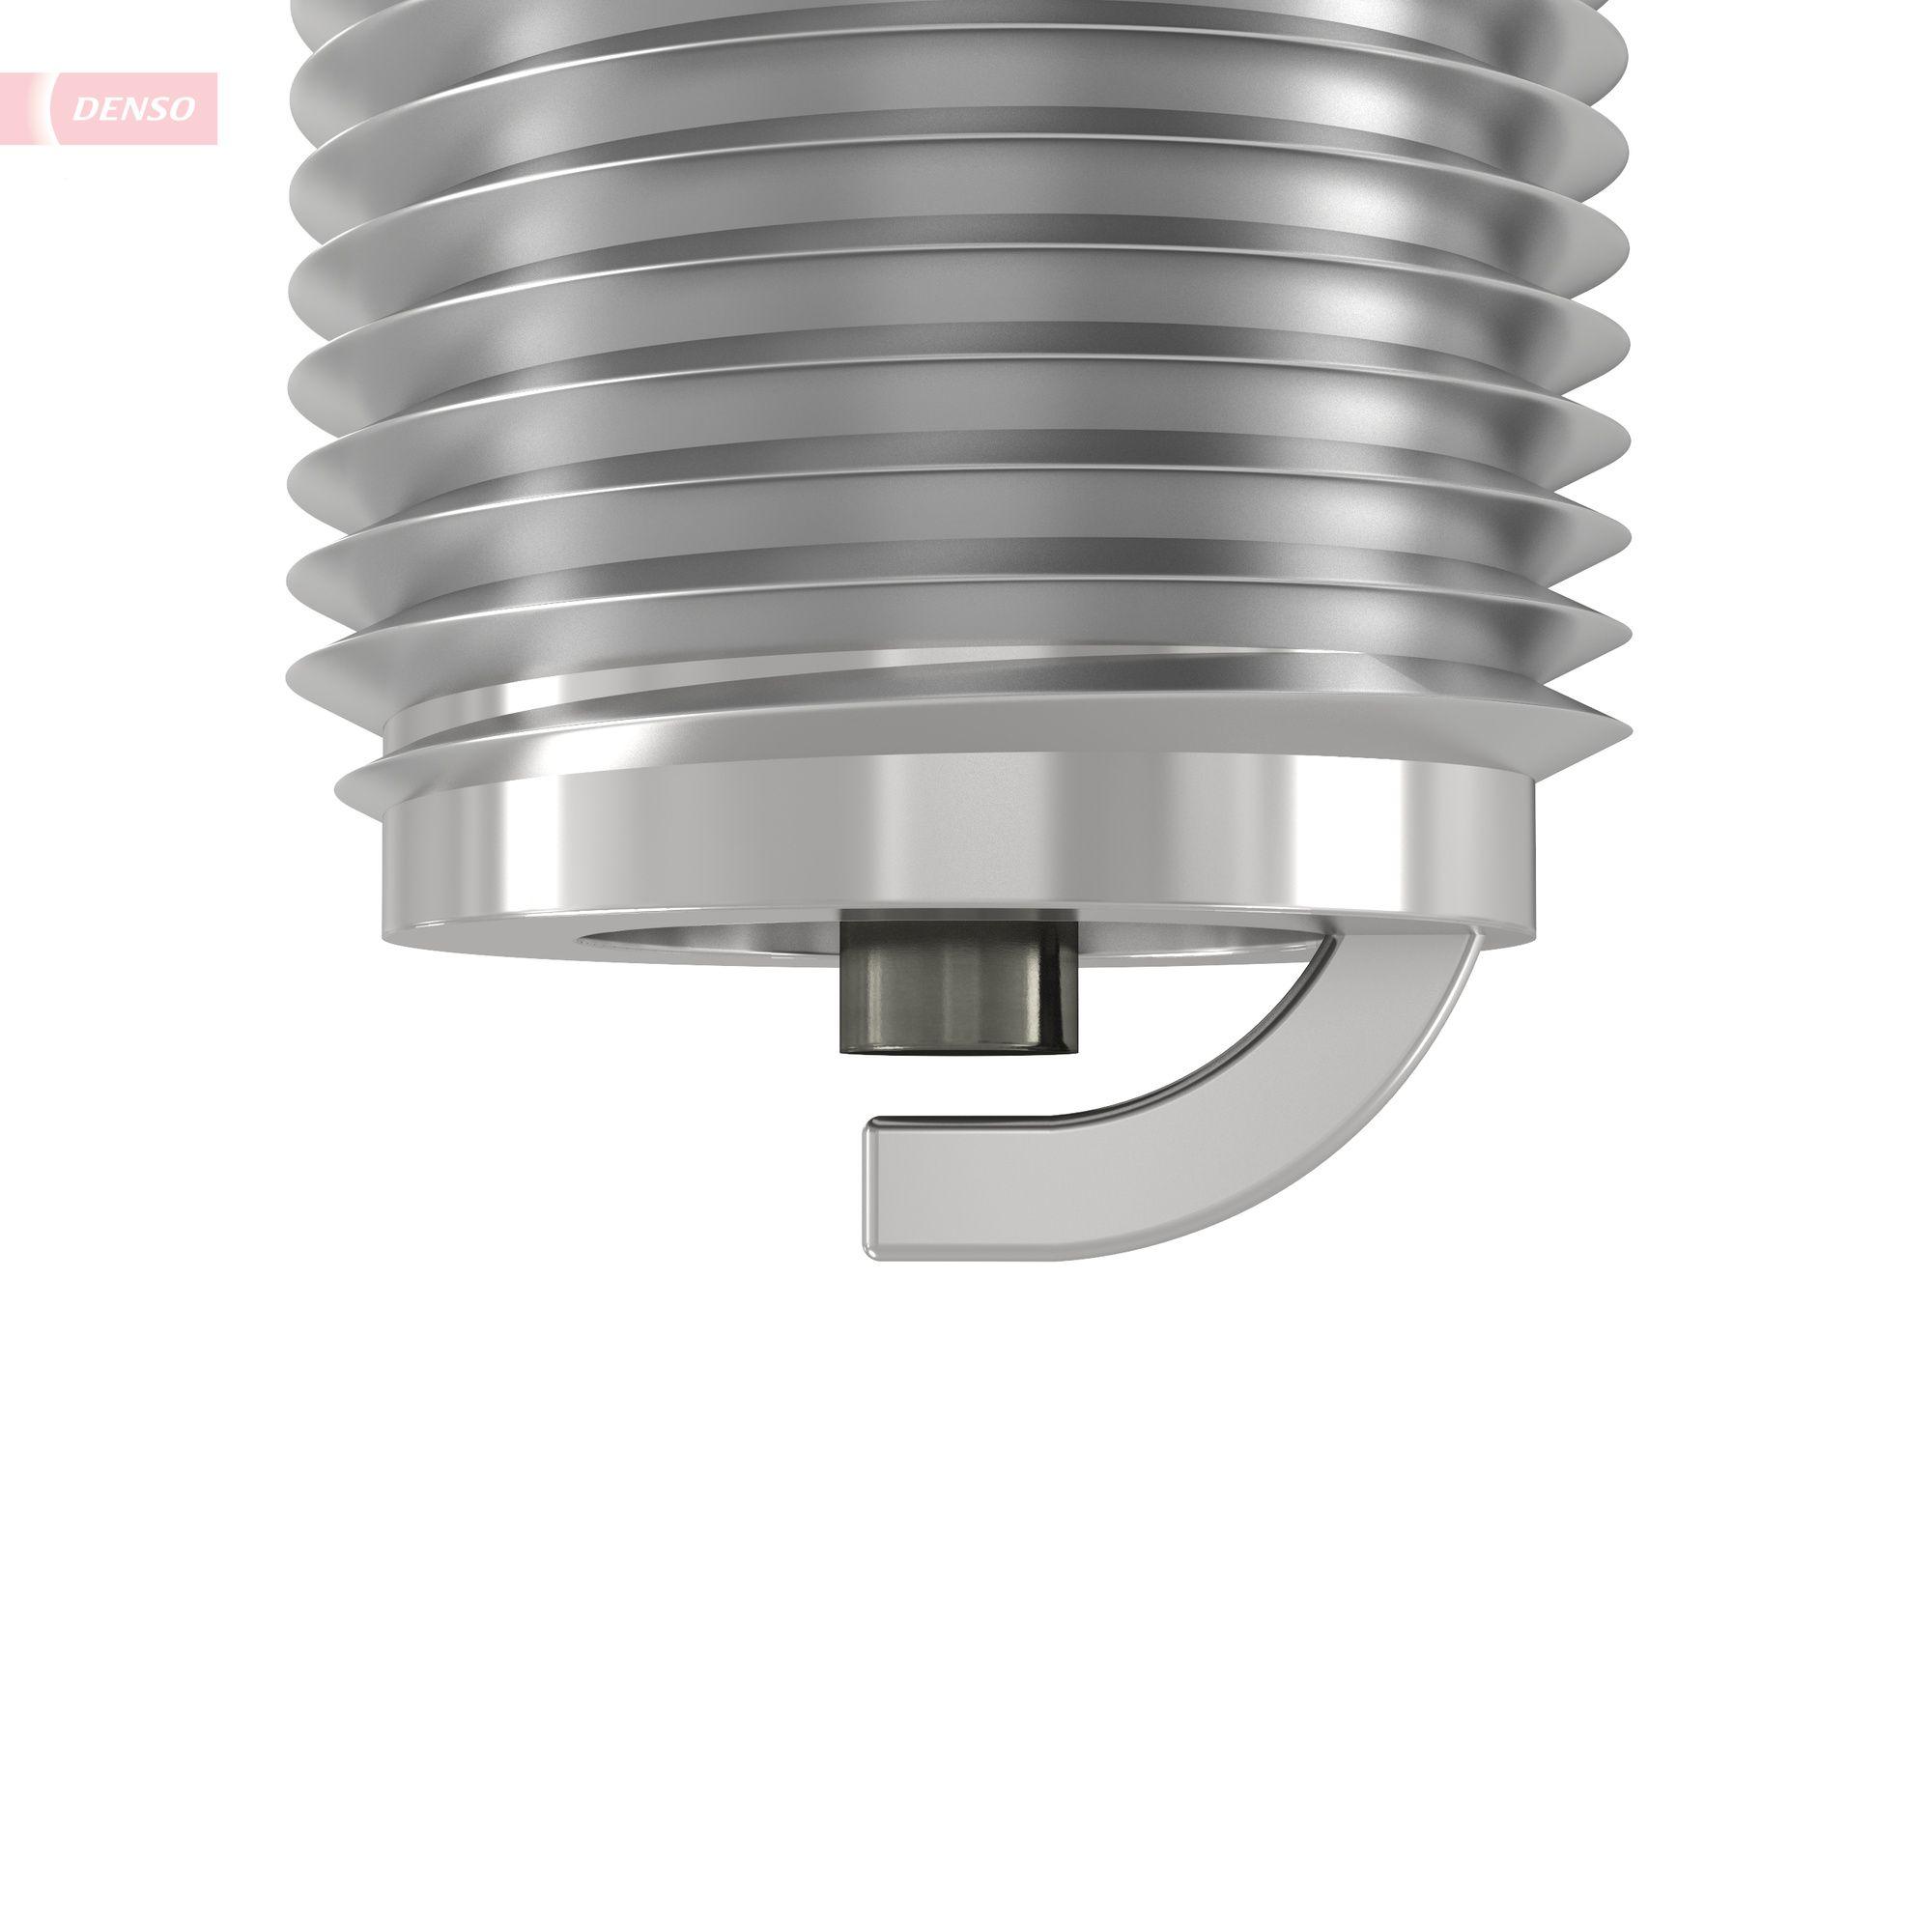 Запалителна свещ W24FS-U на ниска цена — купете сега!